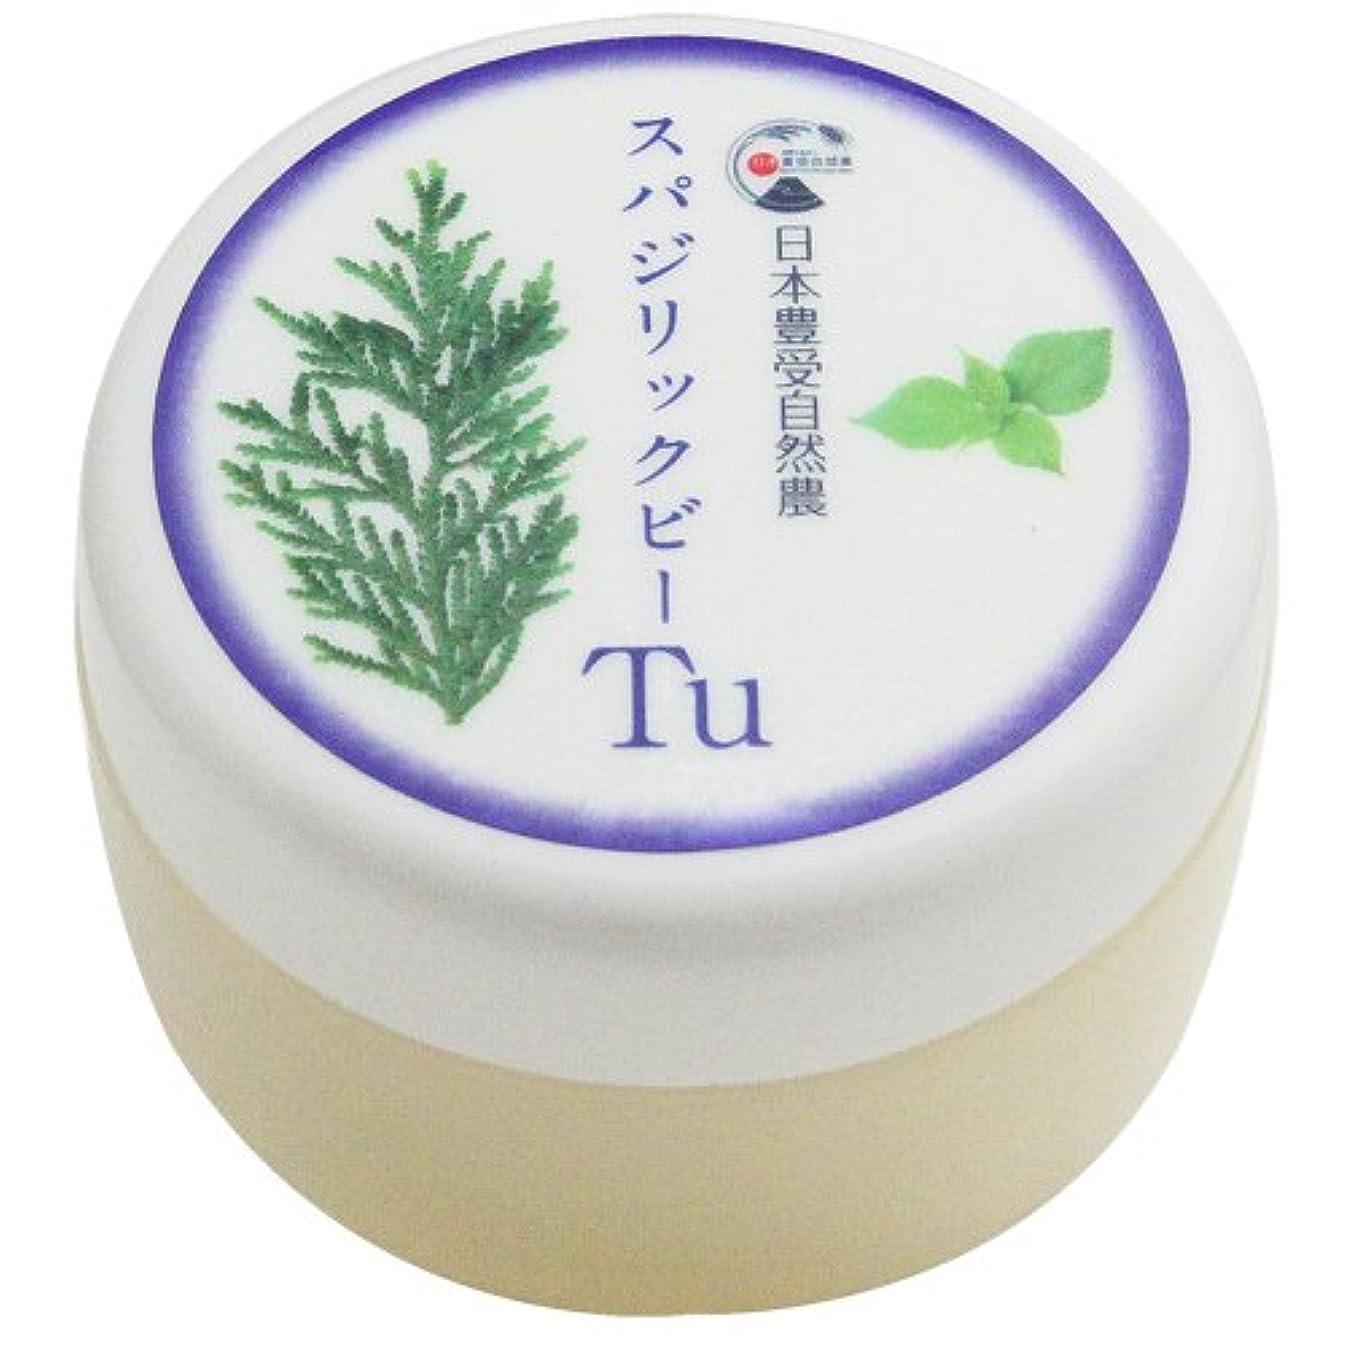 甘い空自分日本豊受自然農 スパジリック ビーTu(特大) 135g